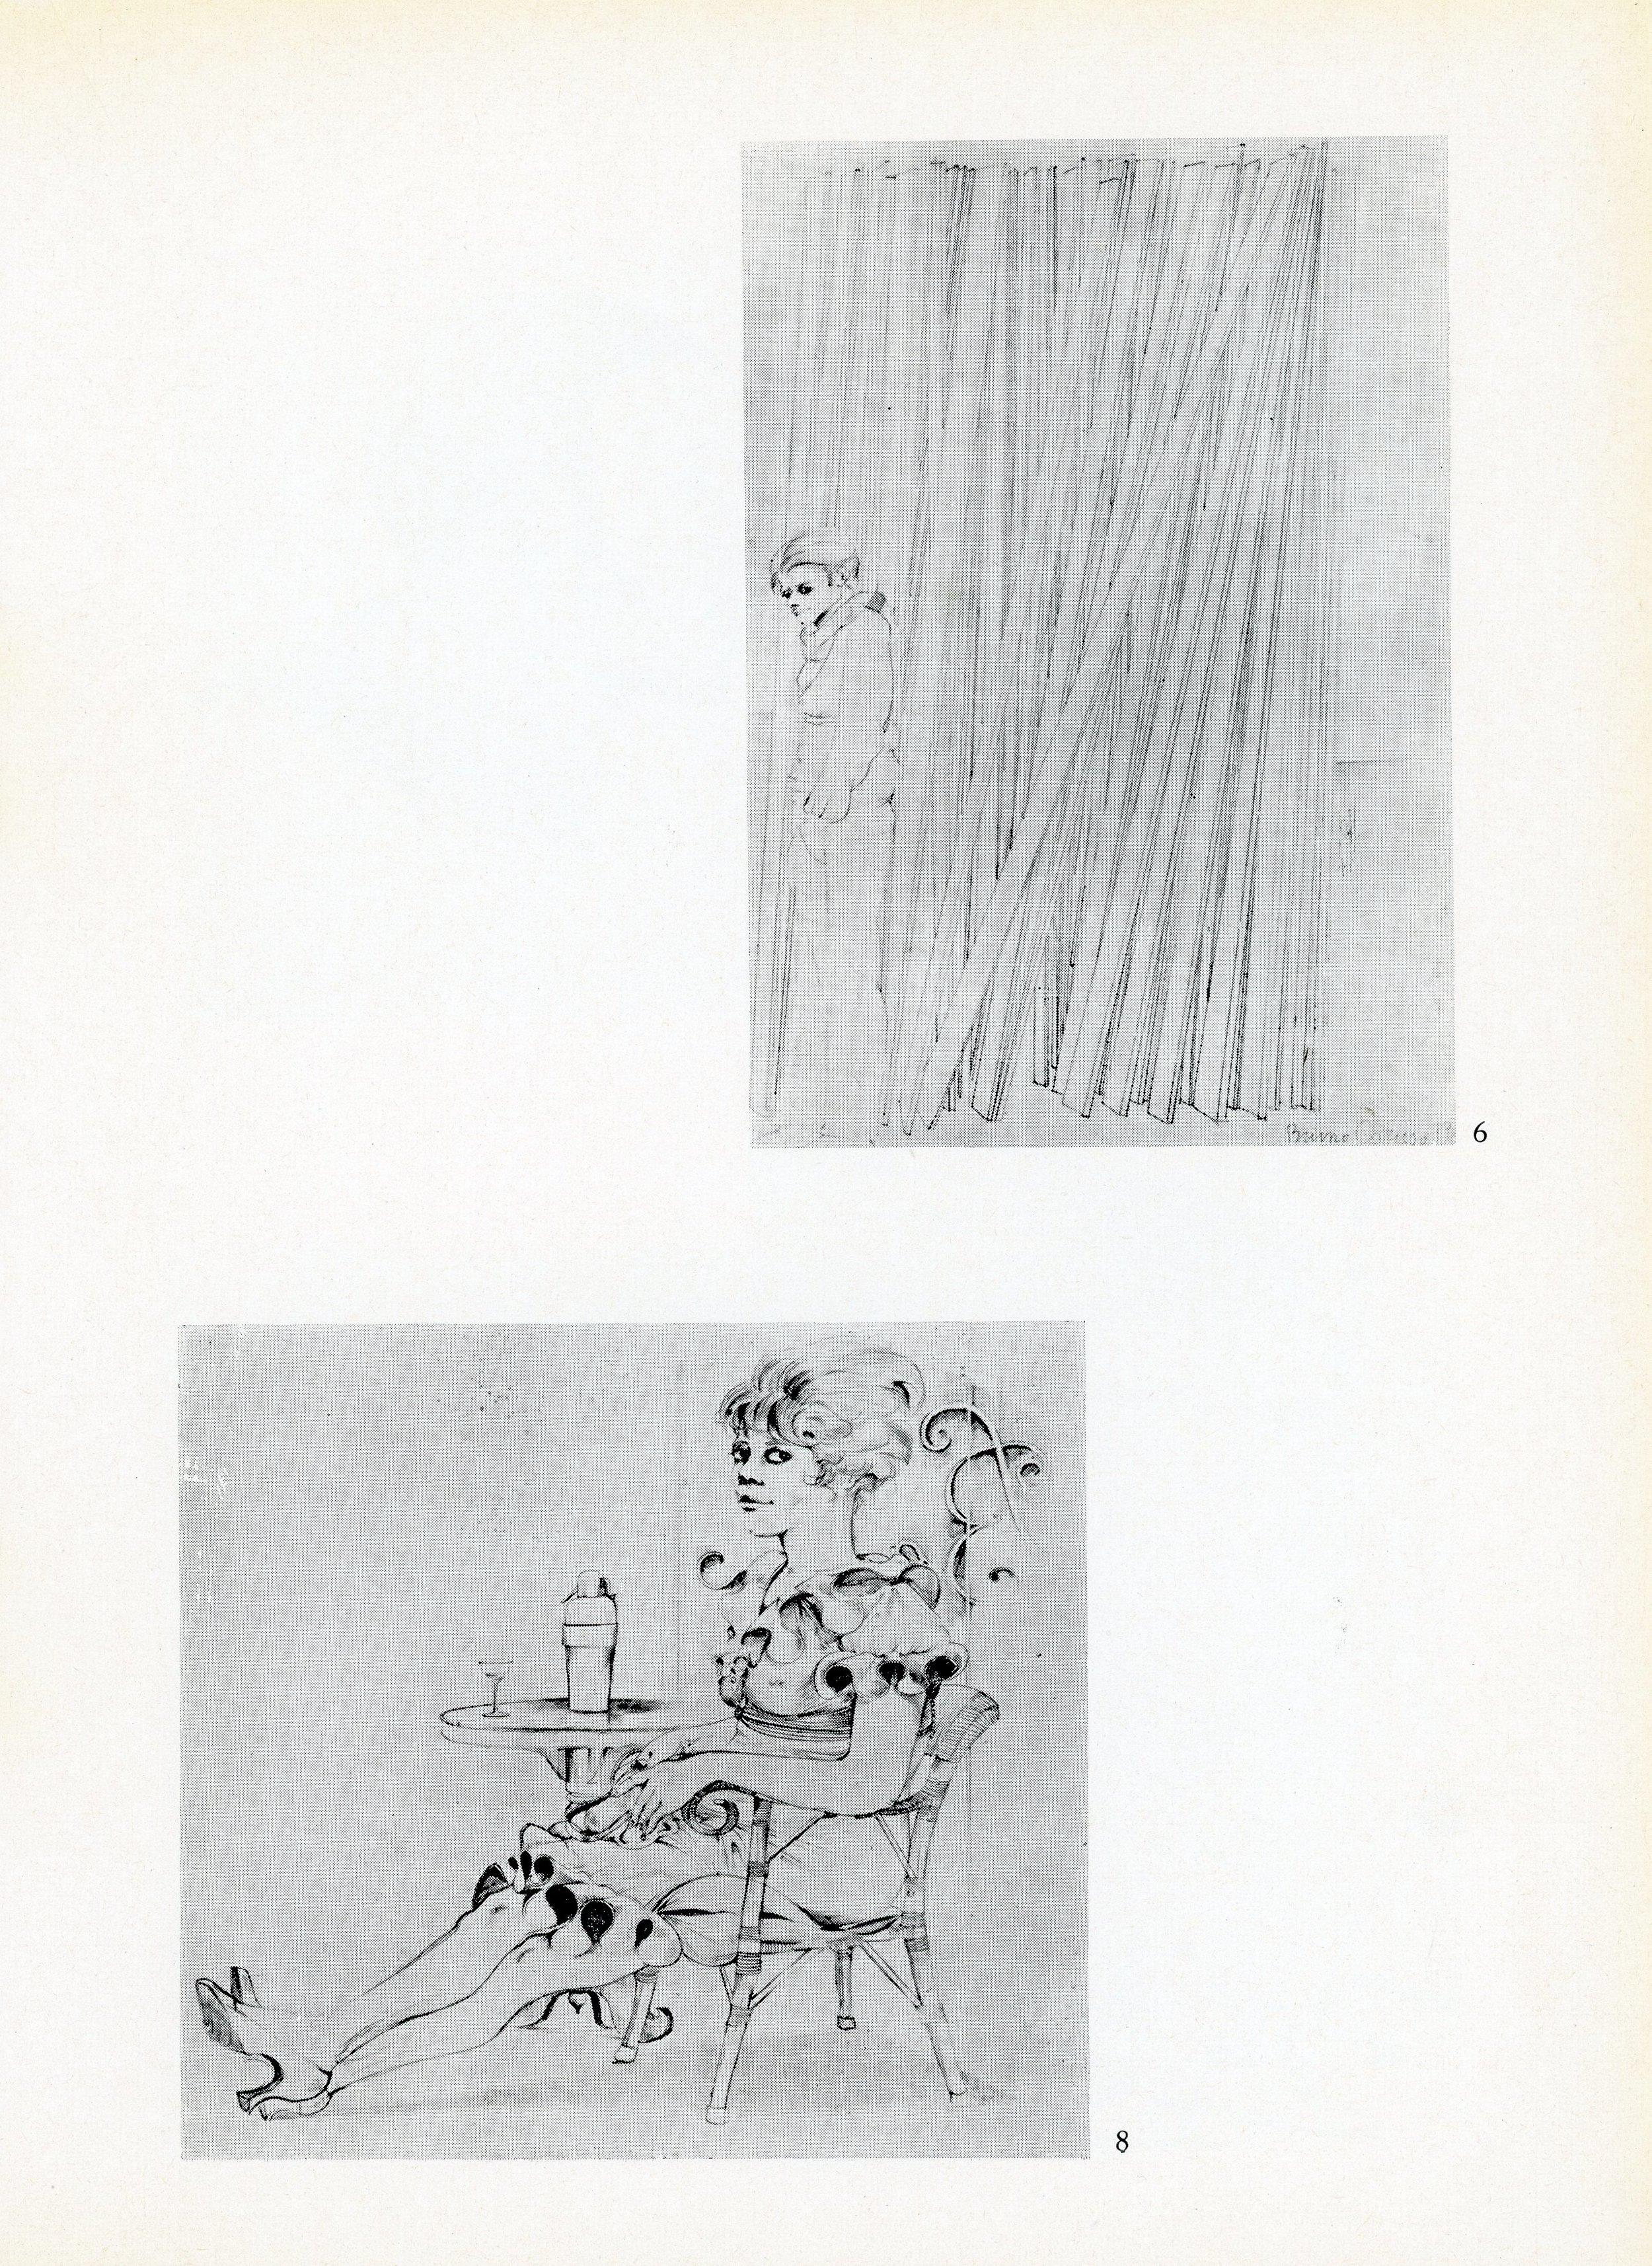 1968-04-Il Gabbiano - Bruno Caruso_08.jpg